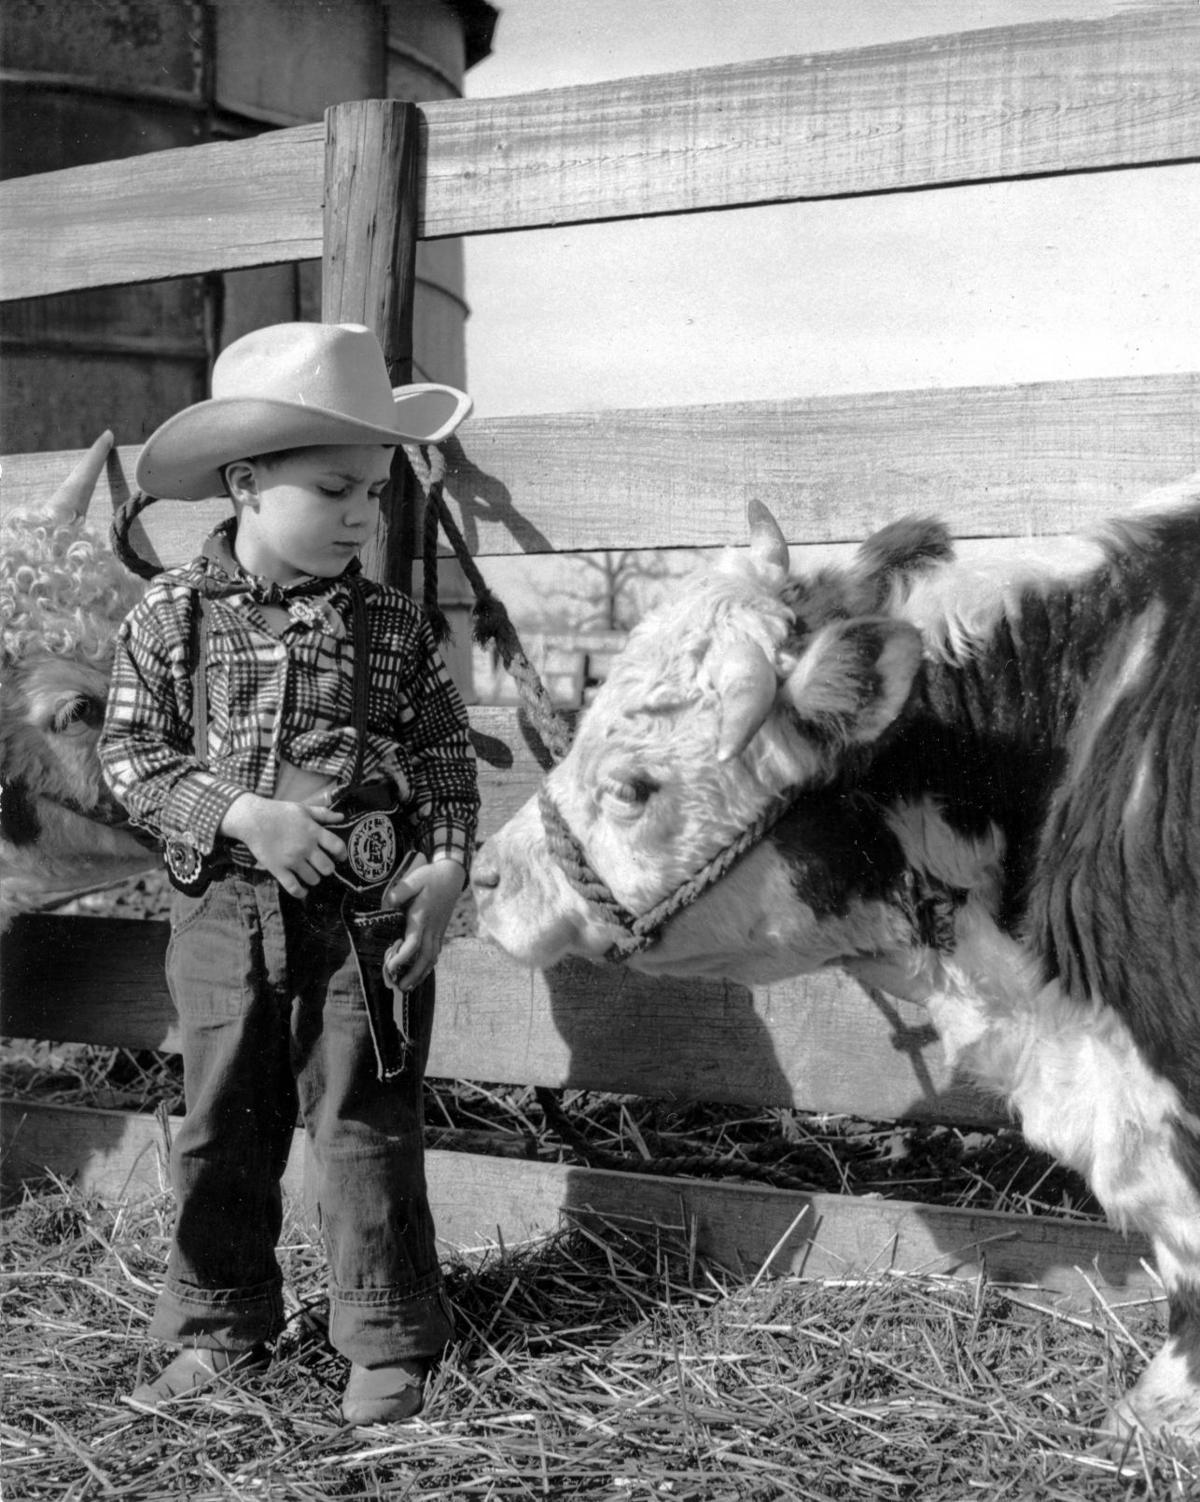 Dennis cowboy hat